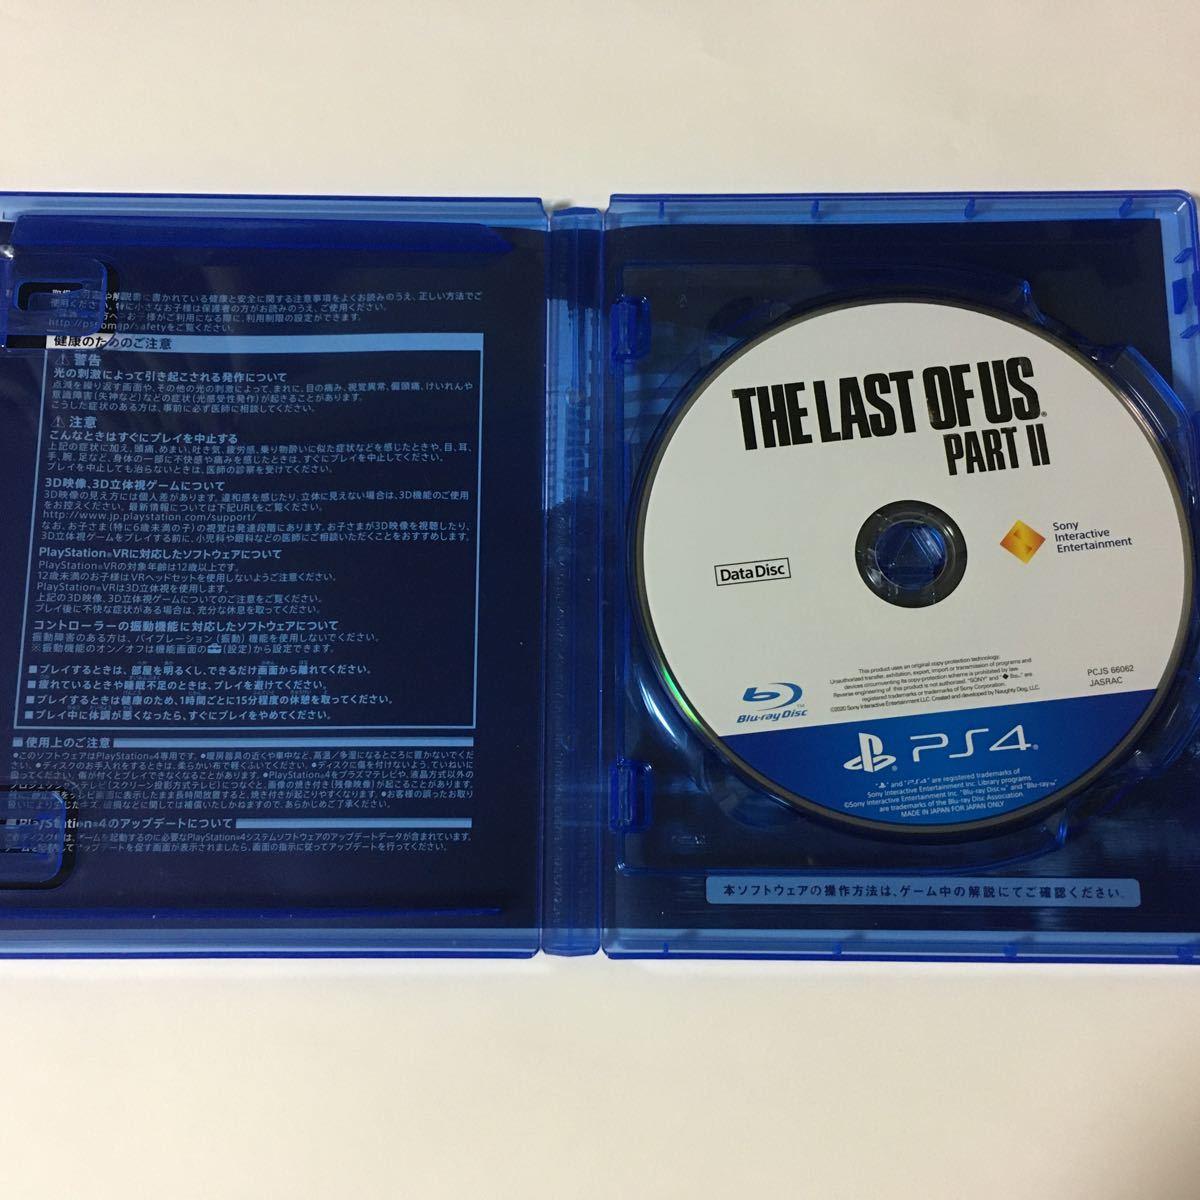 送料無料 PS4 ザラストオブアス パート2 THE LAST OF US PART 2 Playstaion4